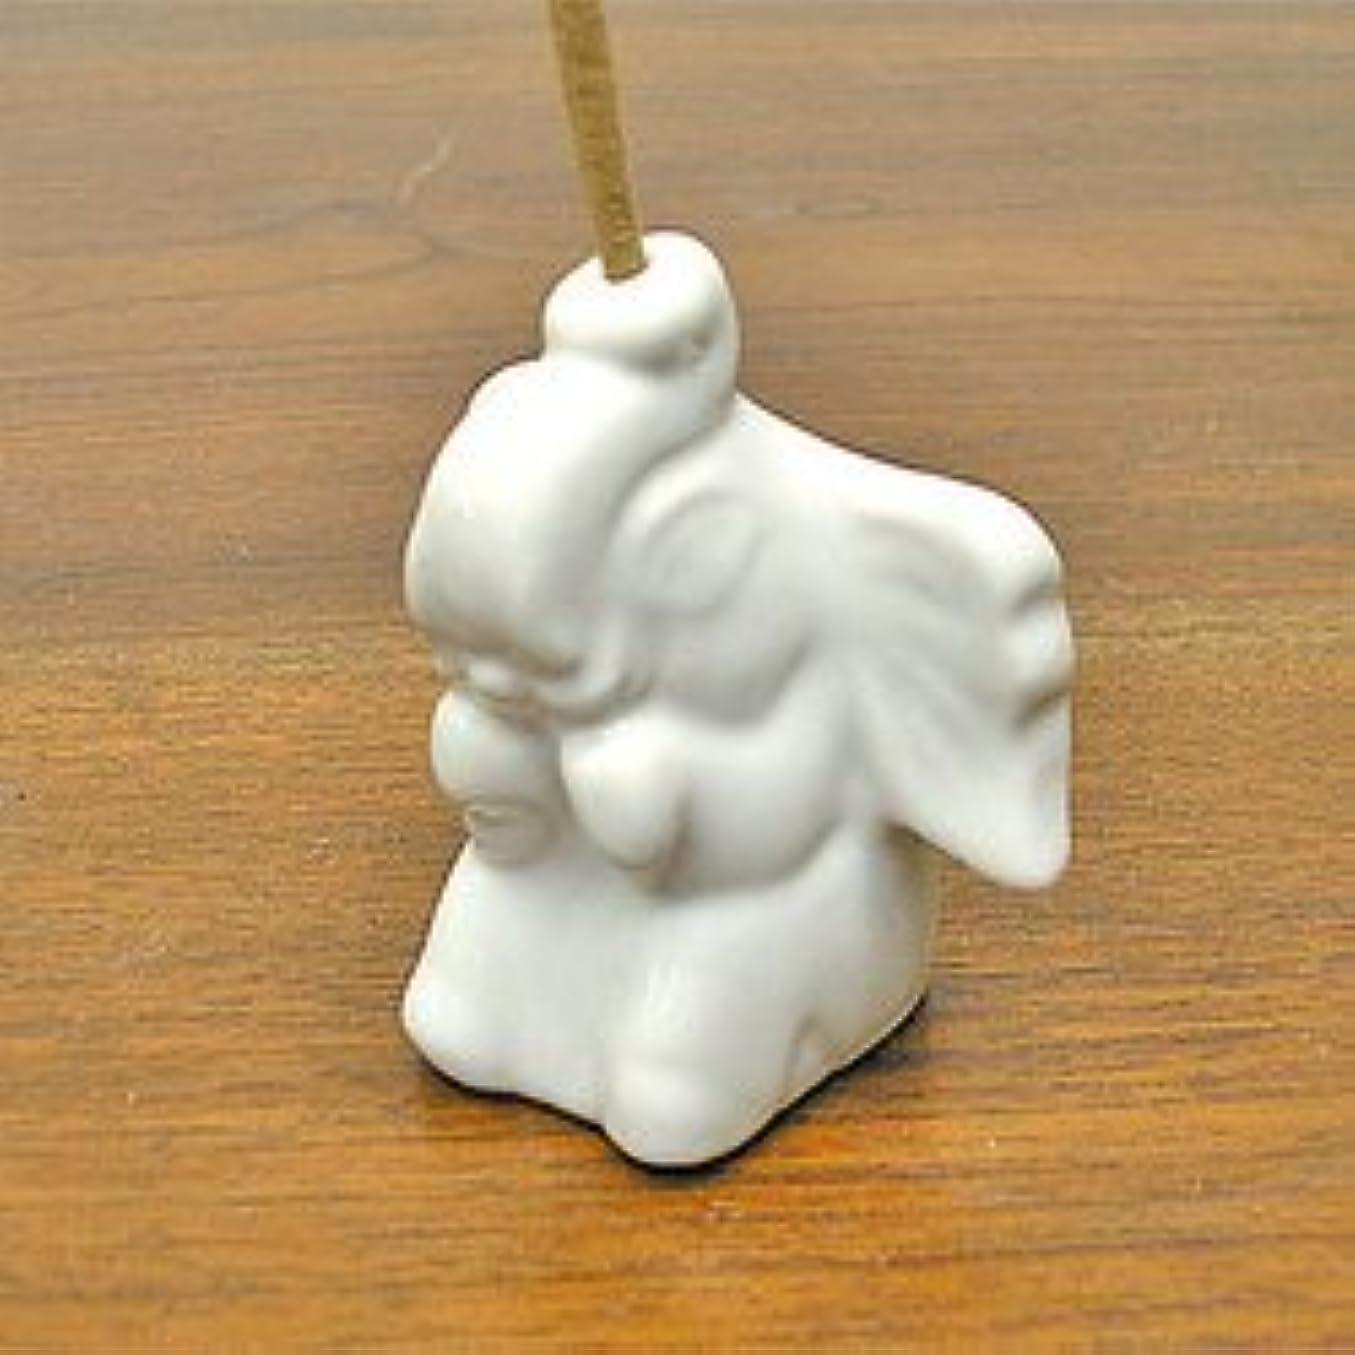 逆さまに開発舌な象さんのお香立て <白> インセンスホルダー/スティックタイプ用お香立て?お香たて アジアン雑貨